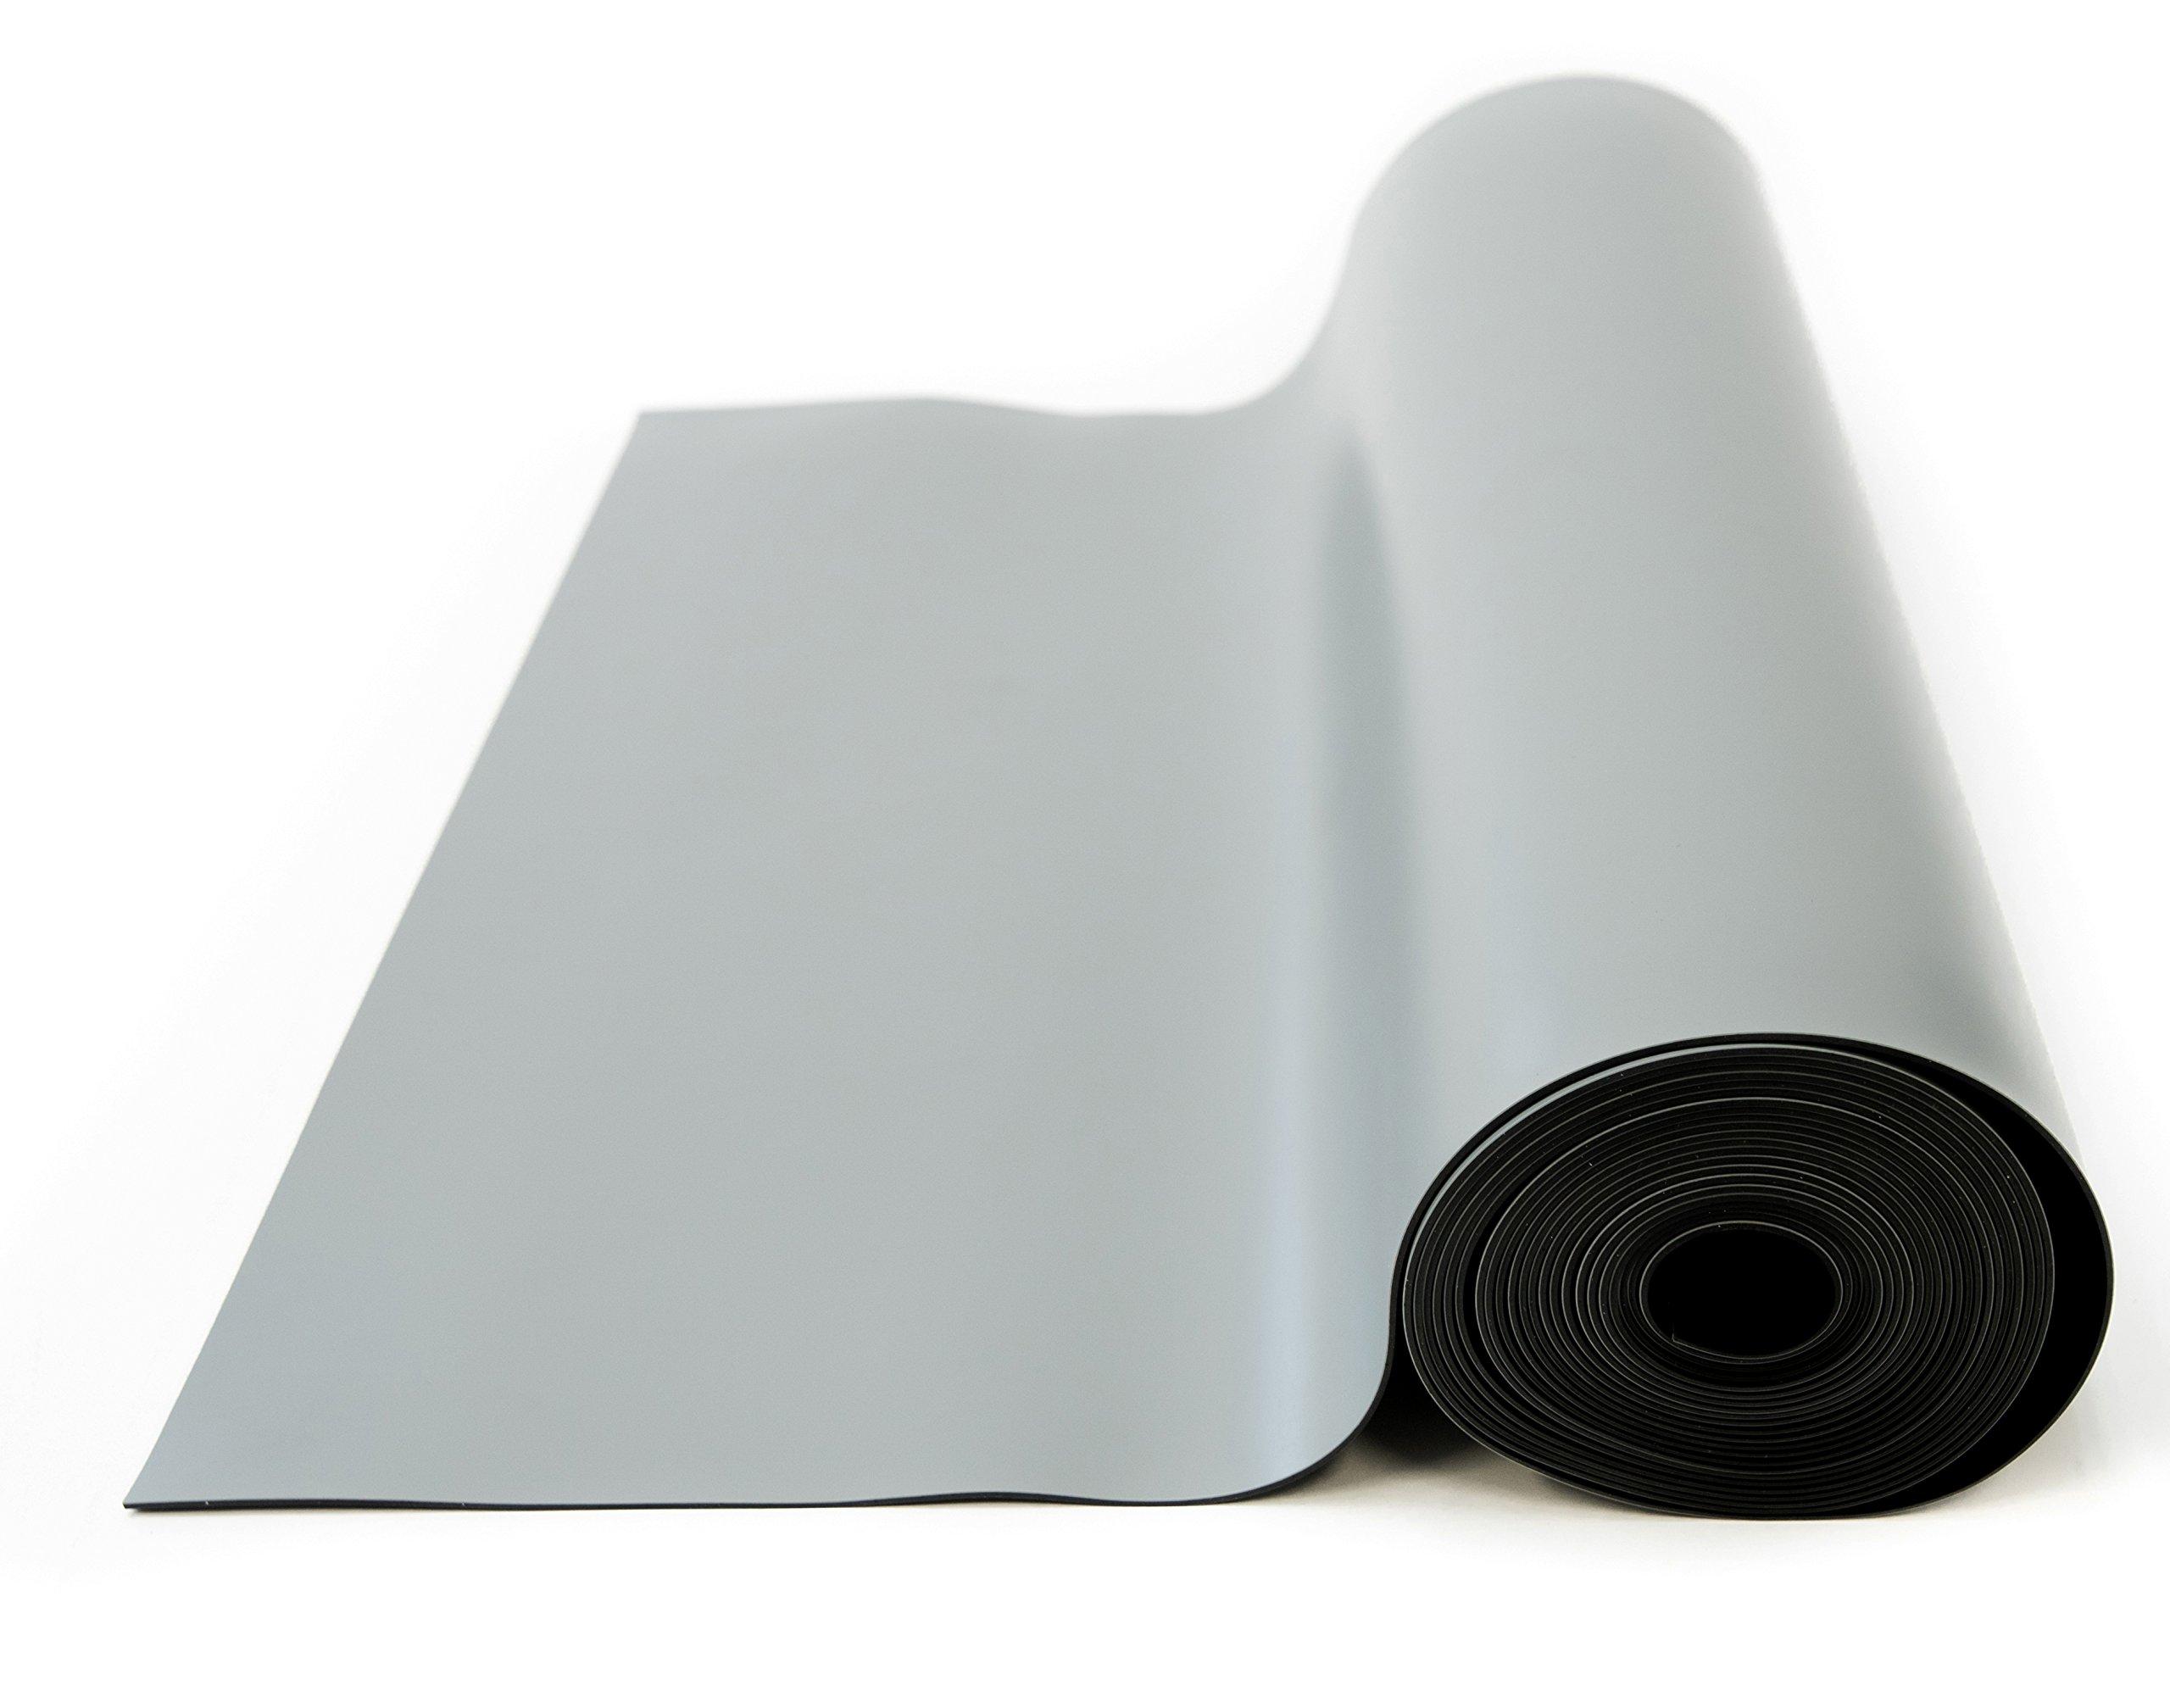 Bertech ESD High Temperature Rubber Mat Roll, 3' Wide x 20' Long x 0.08'' Thick, Gray